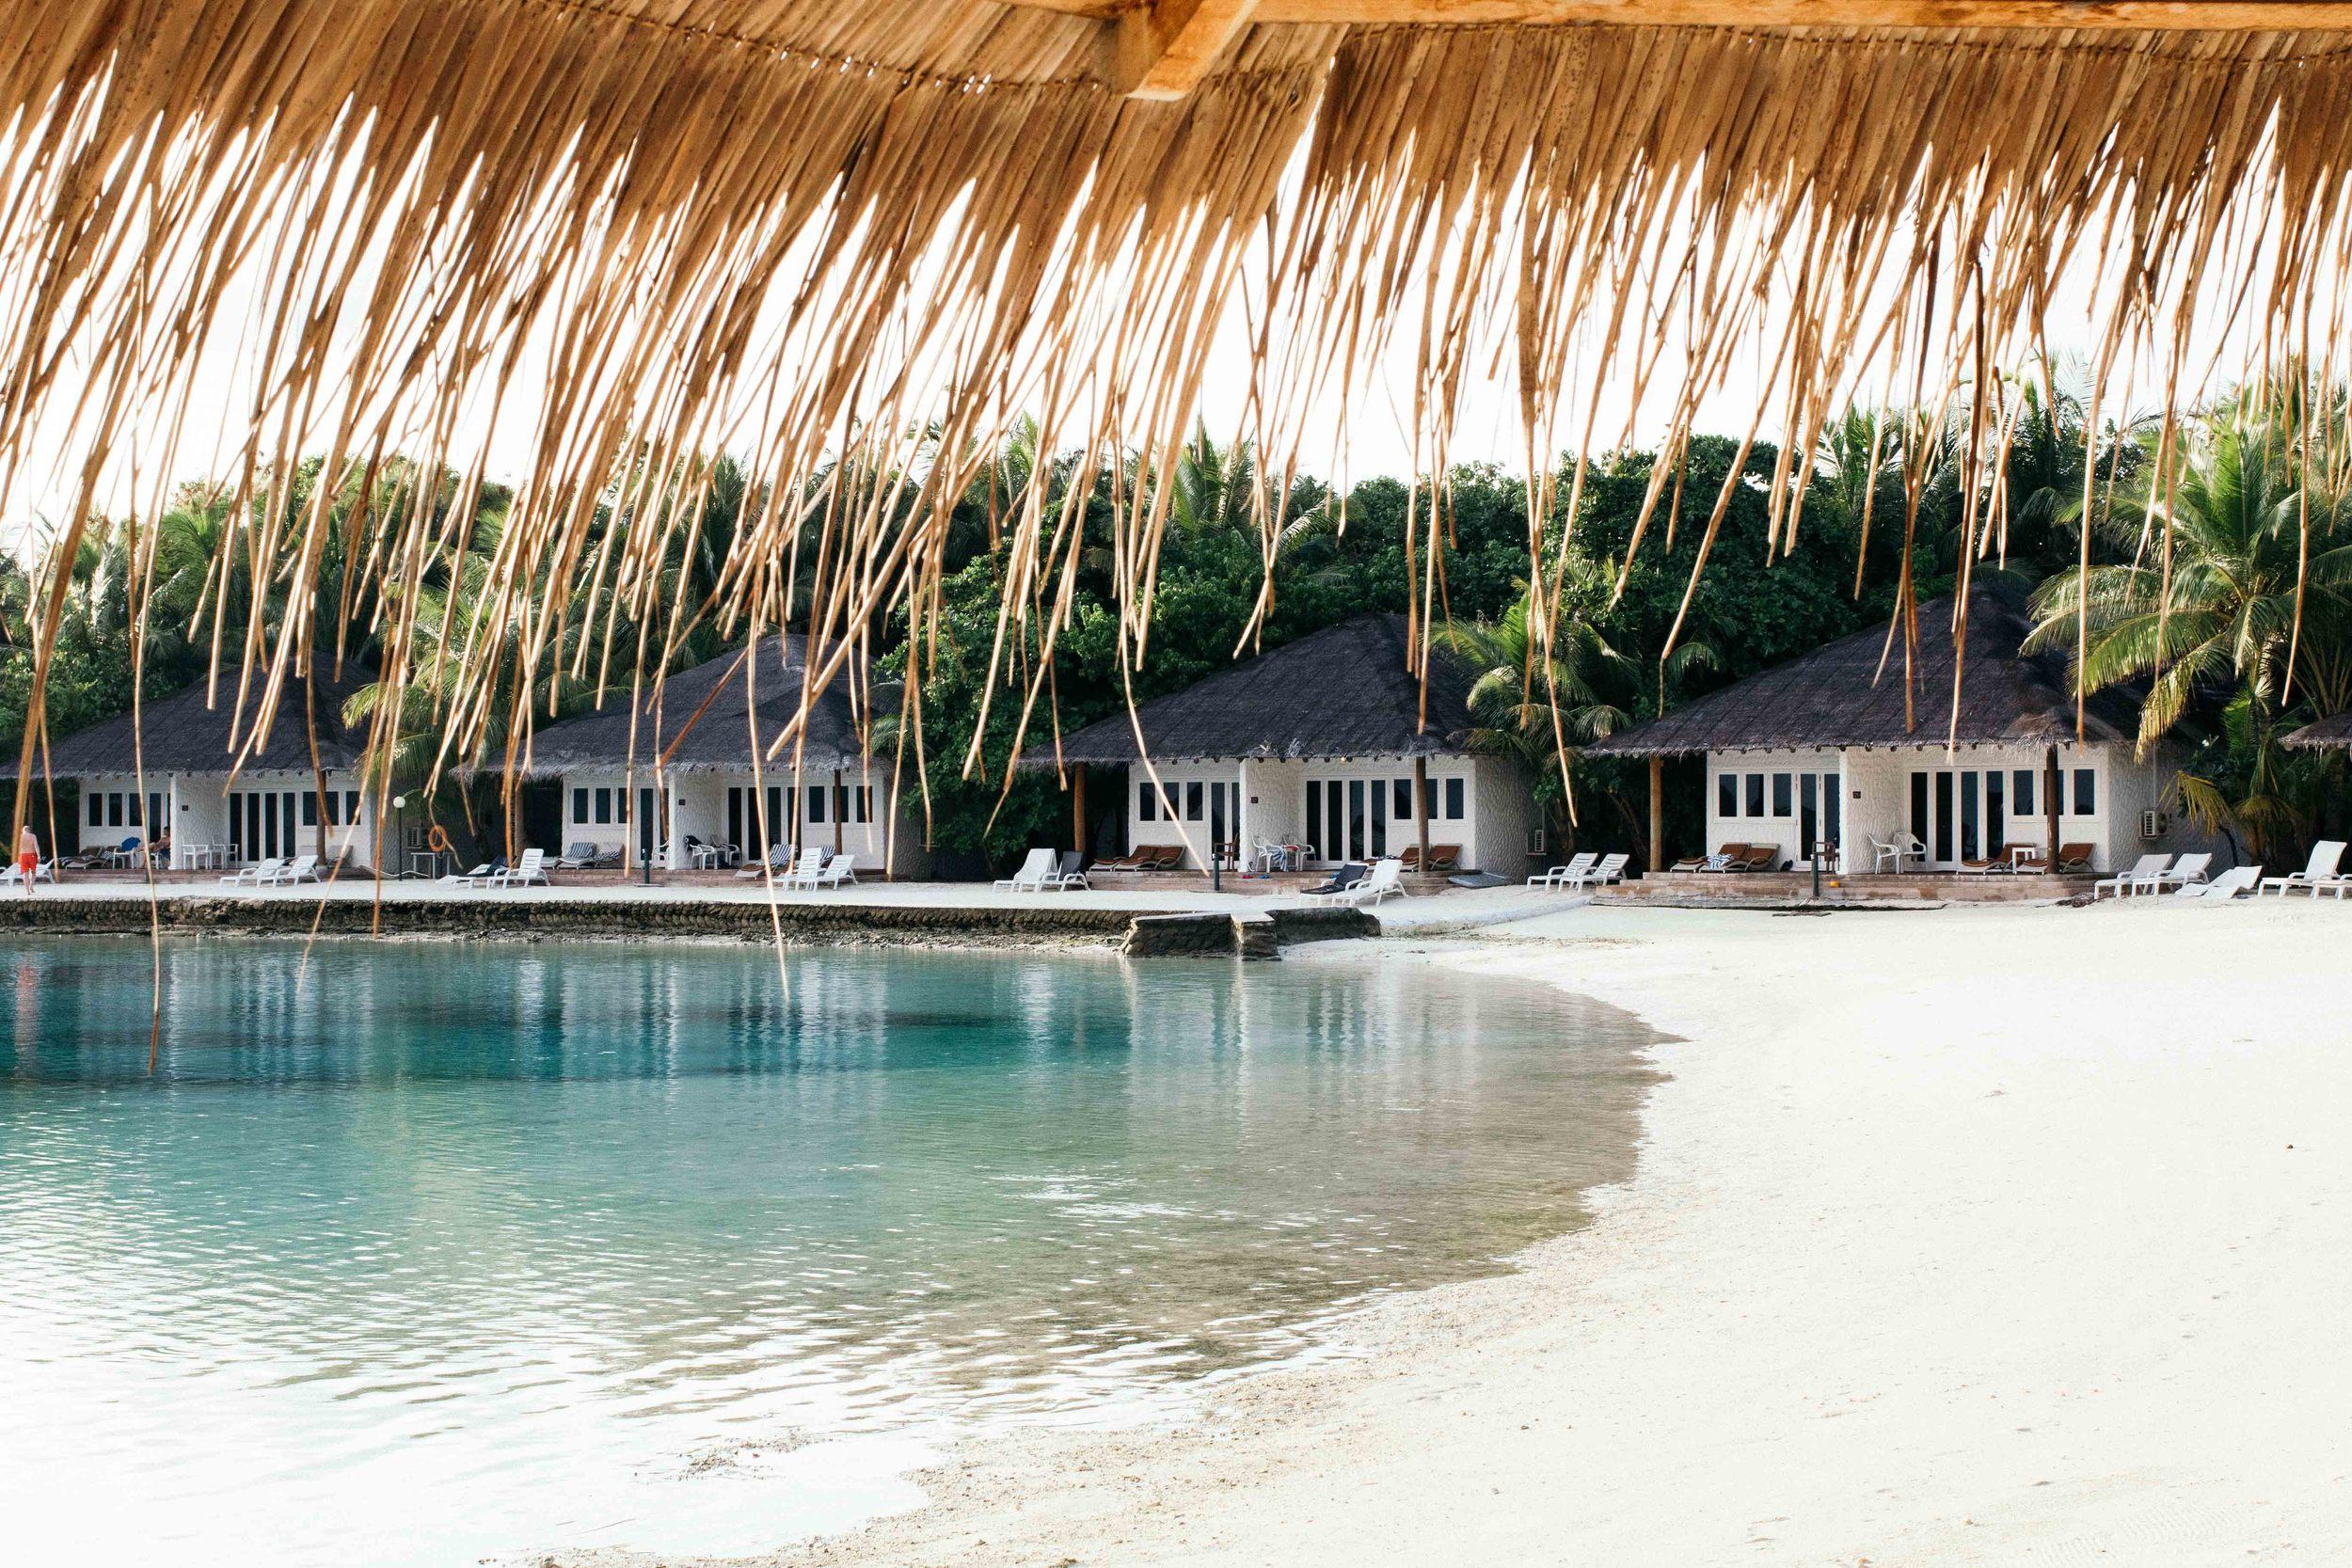 MALDIVES_CORONA_COCONUT COMRADERY_02.jpg